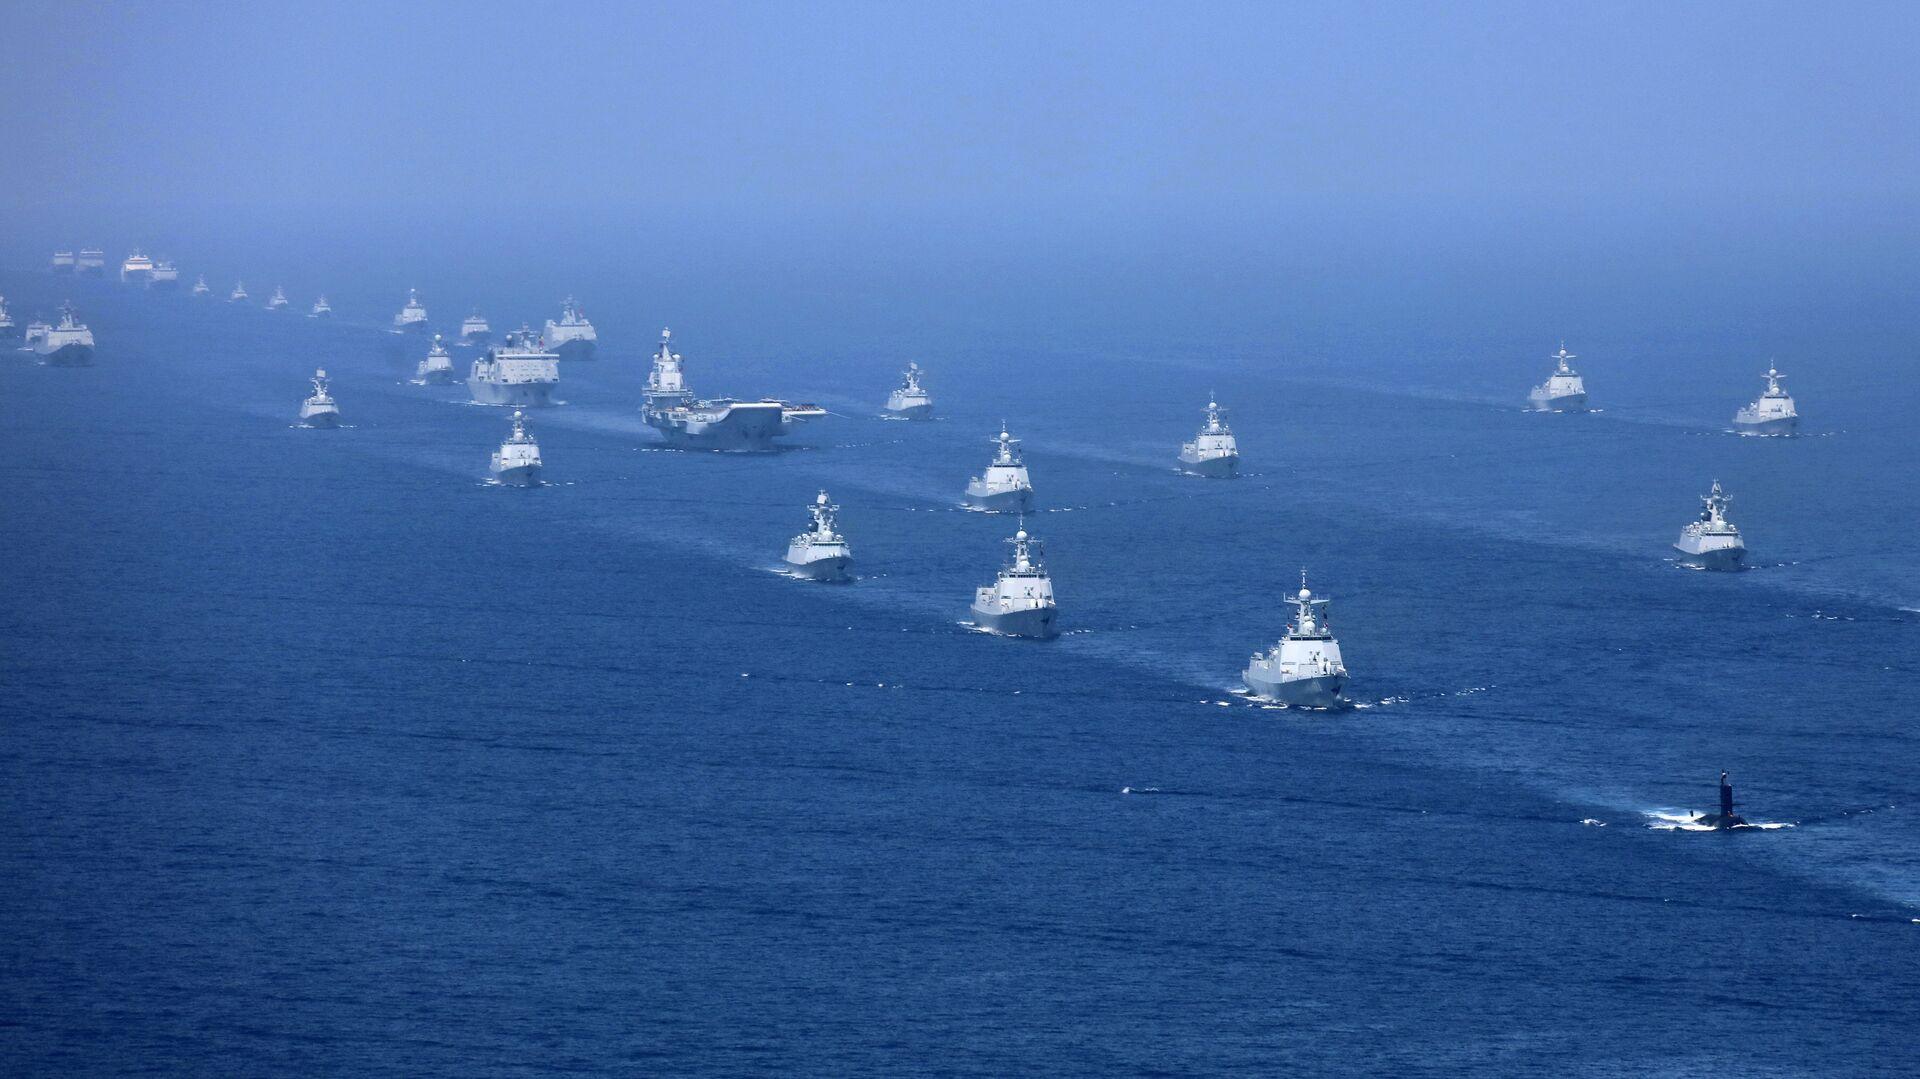 Exercices militaires de la marine chinoise en 2018. (Xinhua News Agency) - Sputnik France, 1920, 14.05.2021